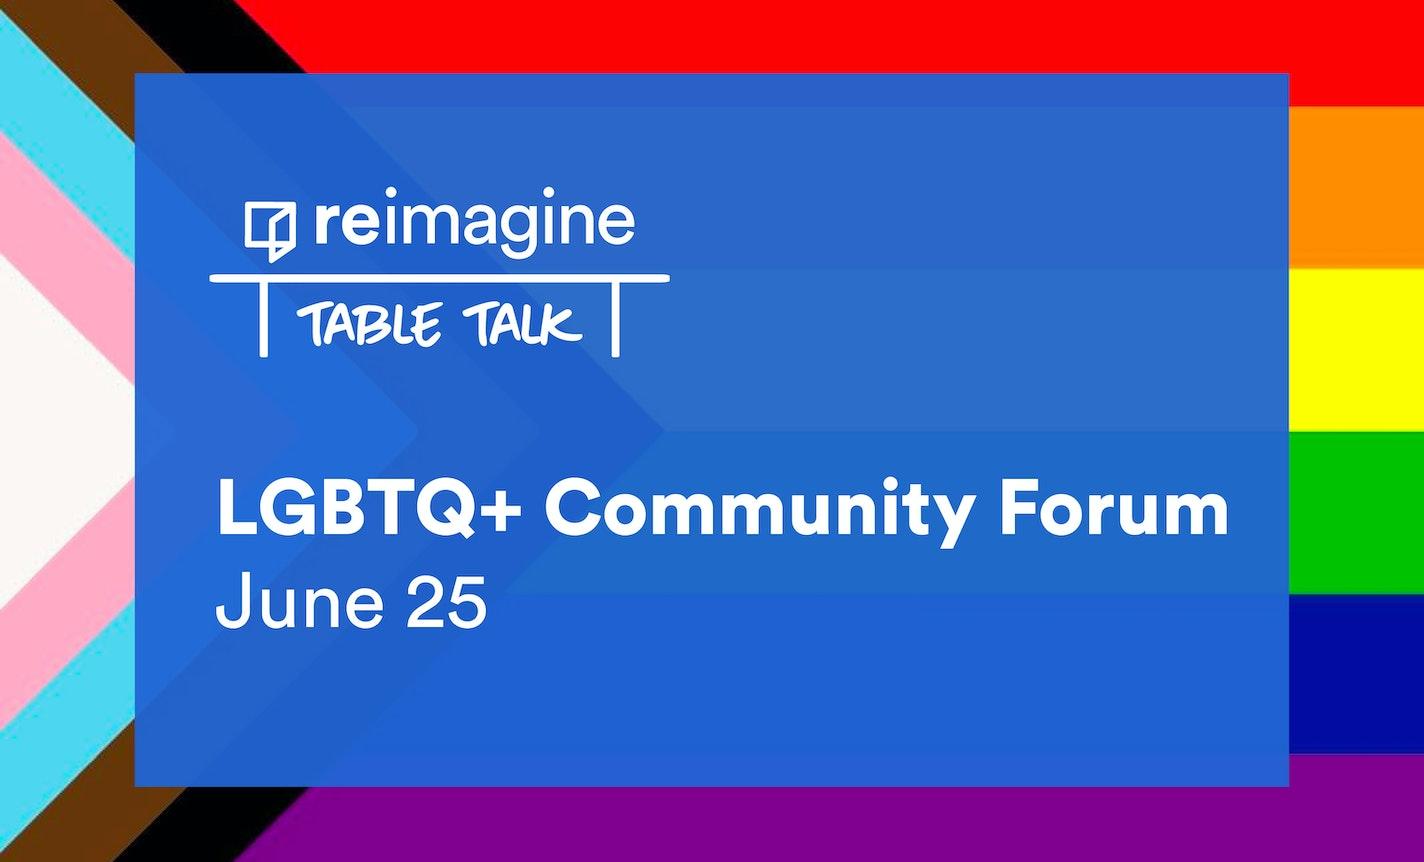 Reimagine LGBTQ+ Community Forum